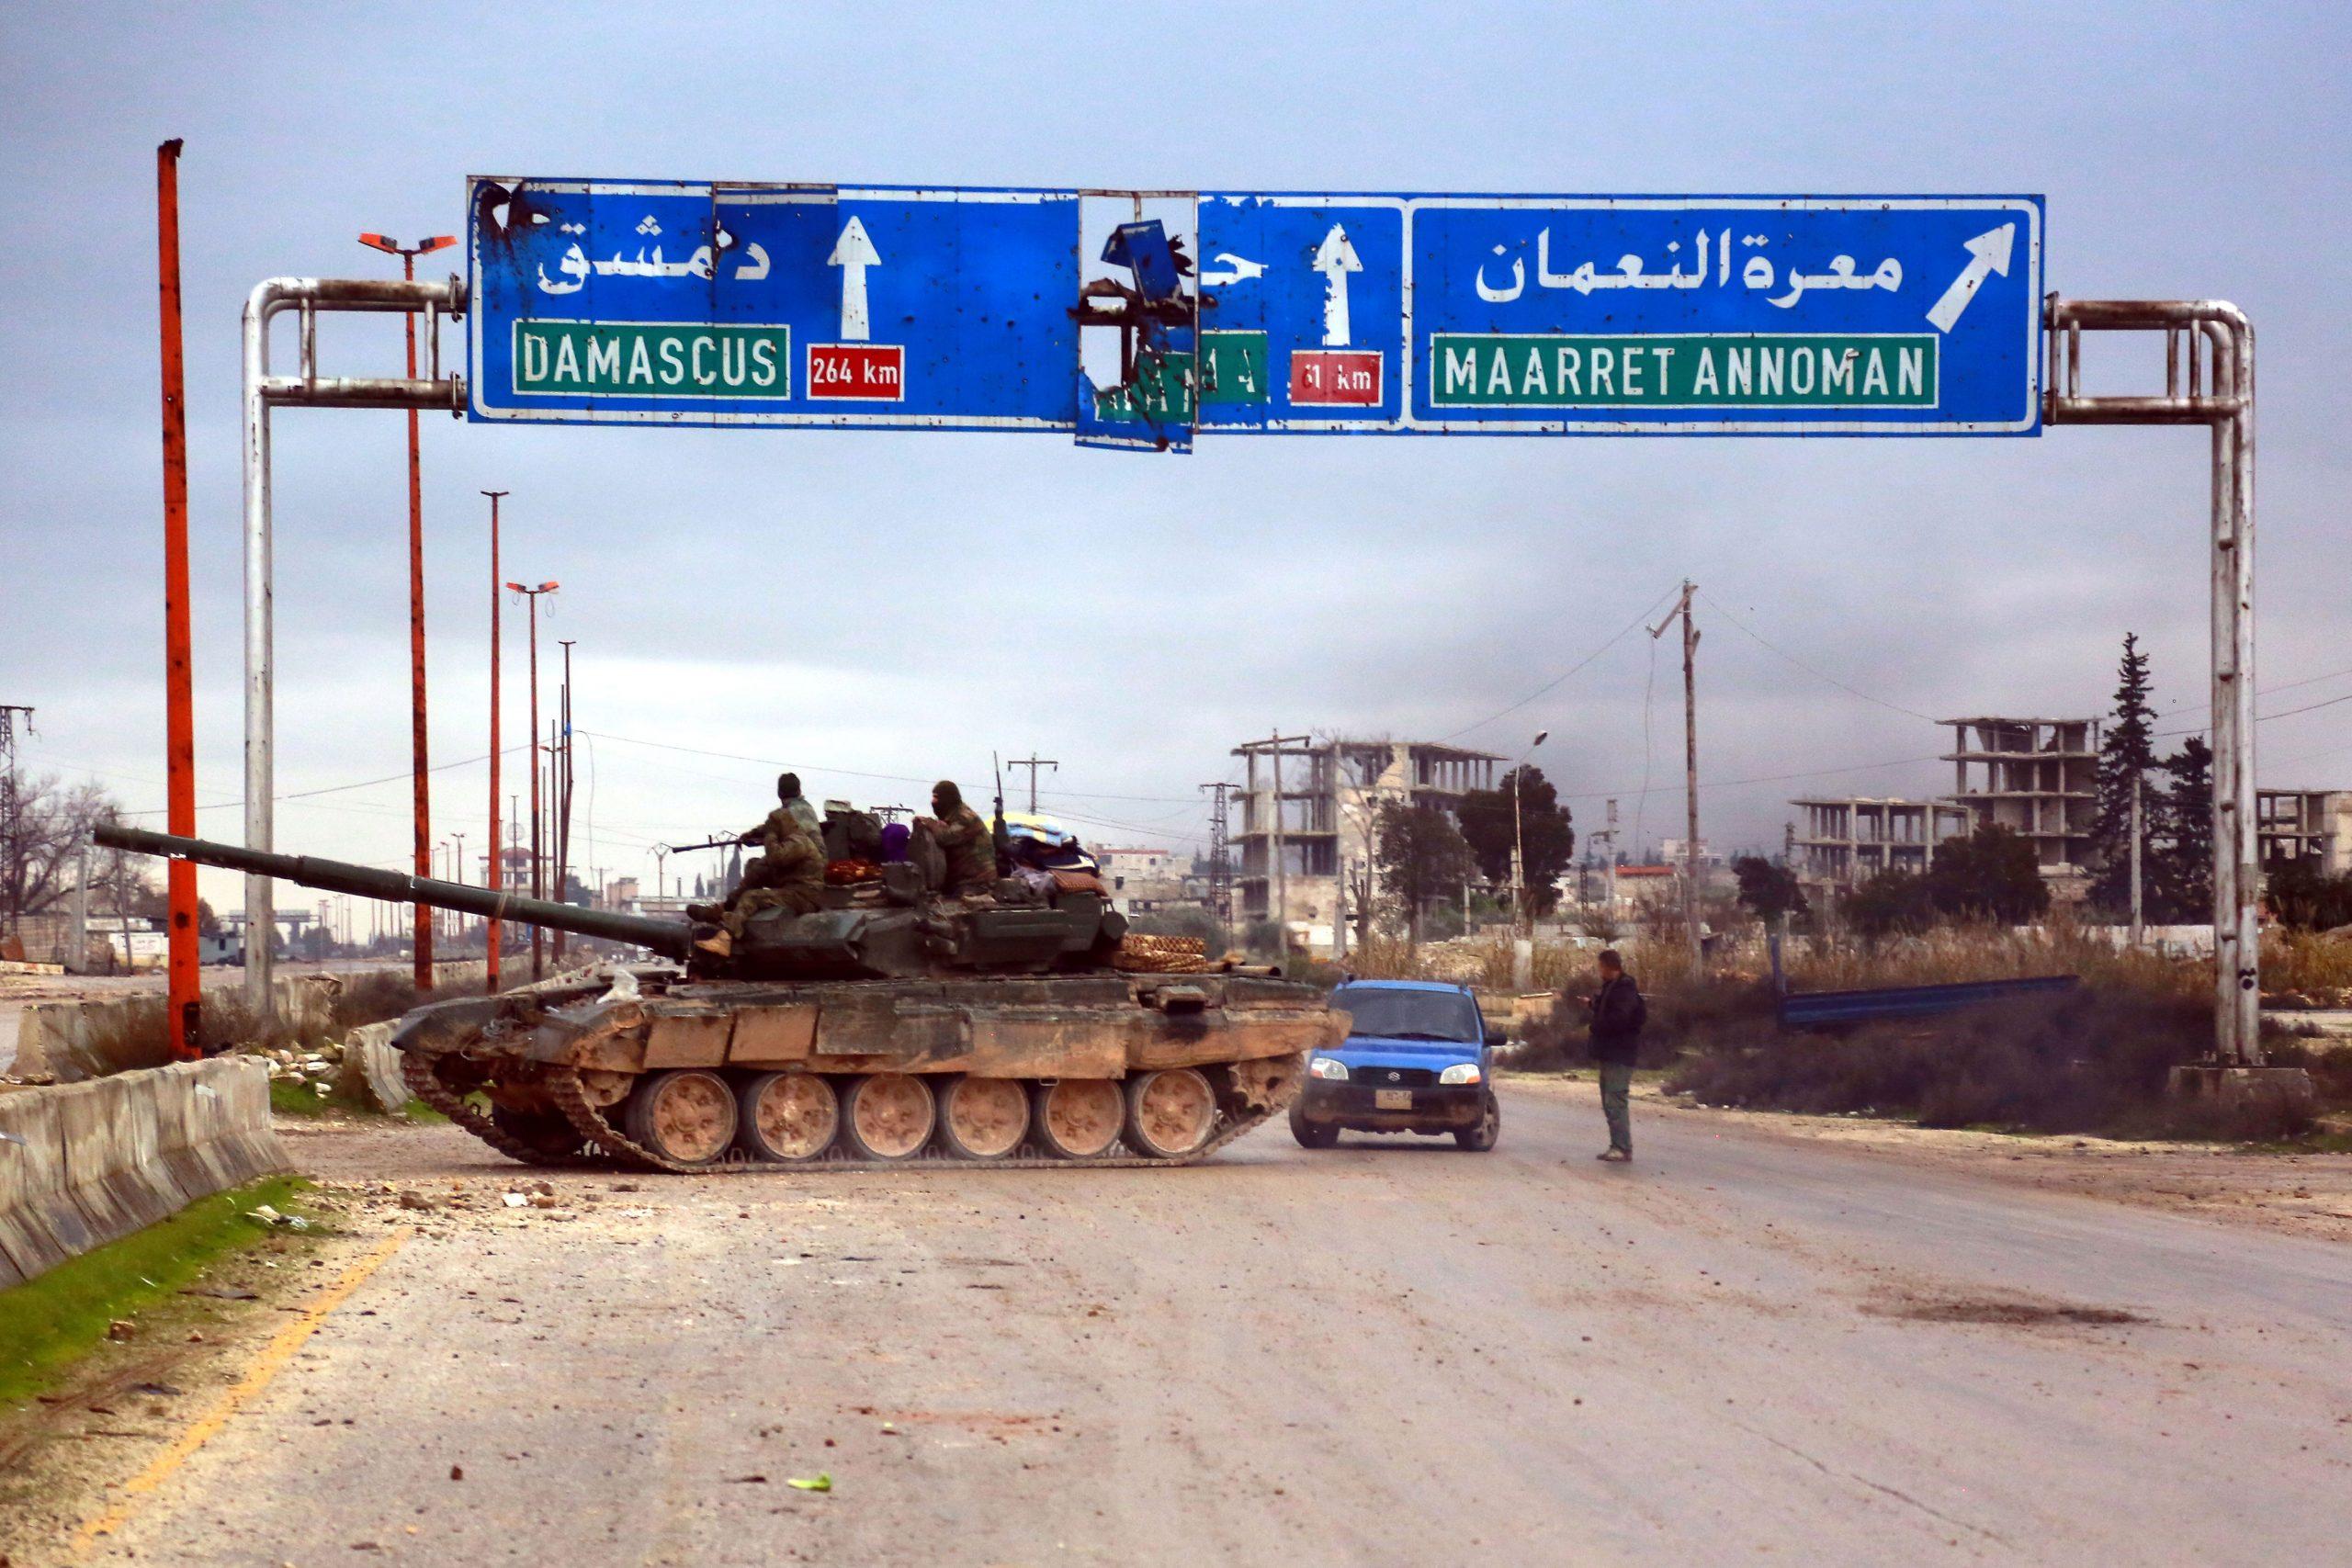 Σε εξέλιξη προετοιμασίες πολέμου στο Idlib-Επιχειρήσεις εκκαθάρισης των συμμάχων της Άγκυρας από τον Συριακό Στρατό